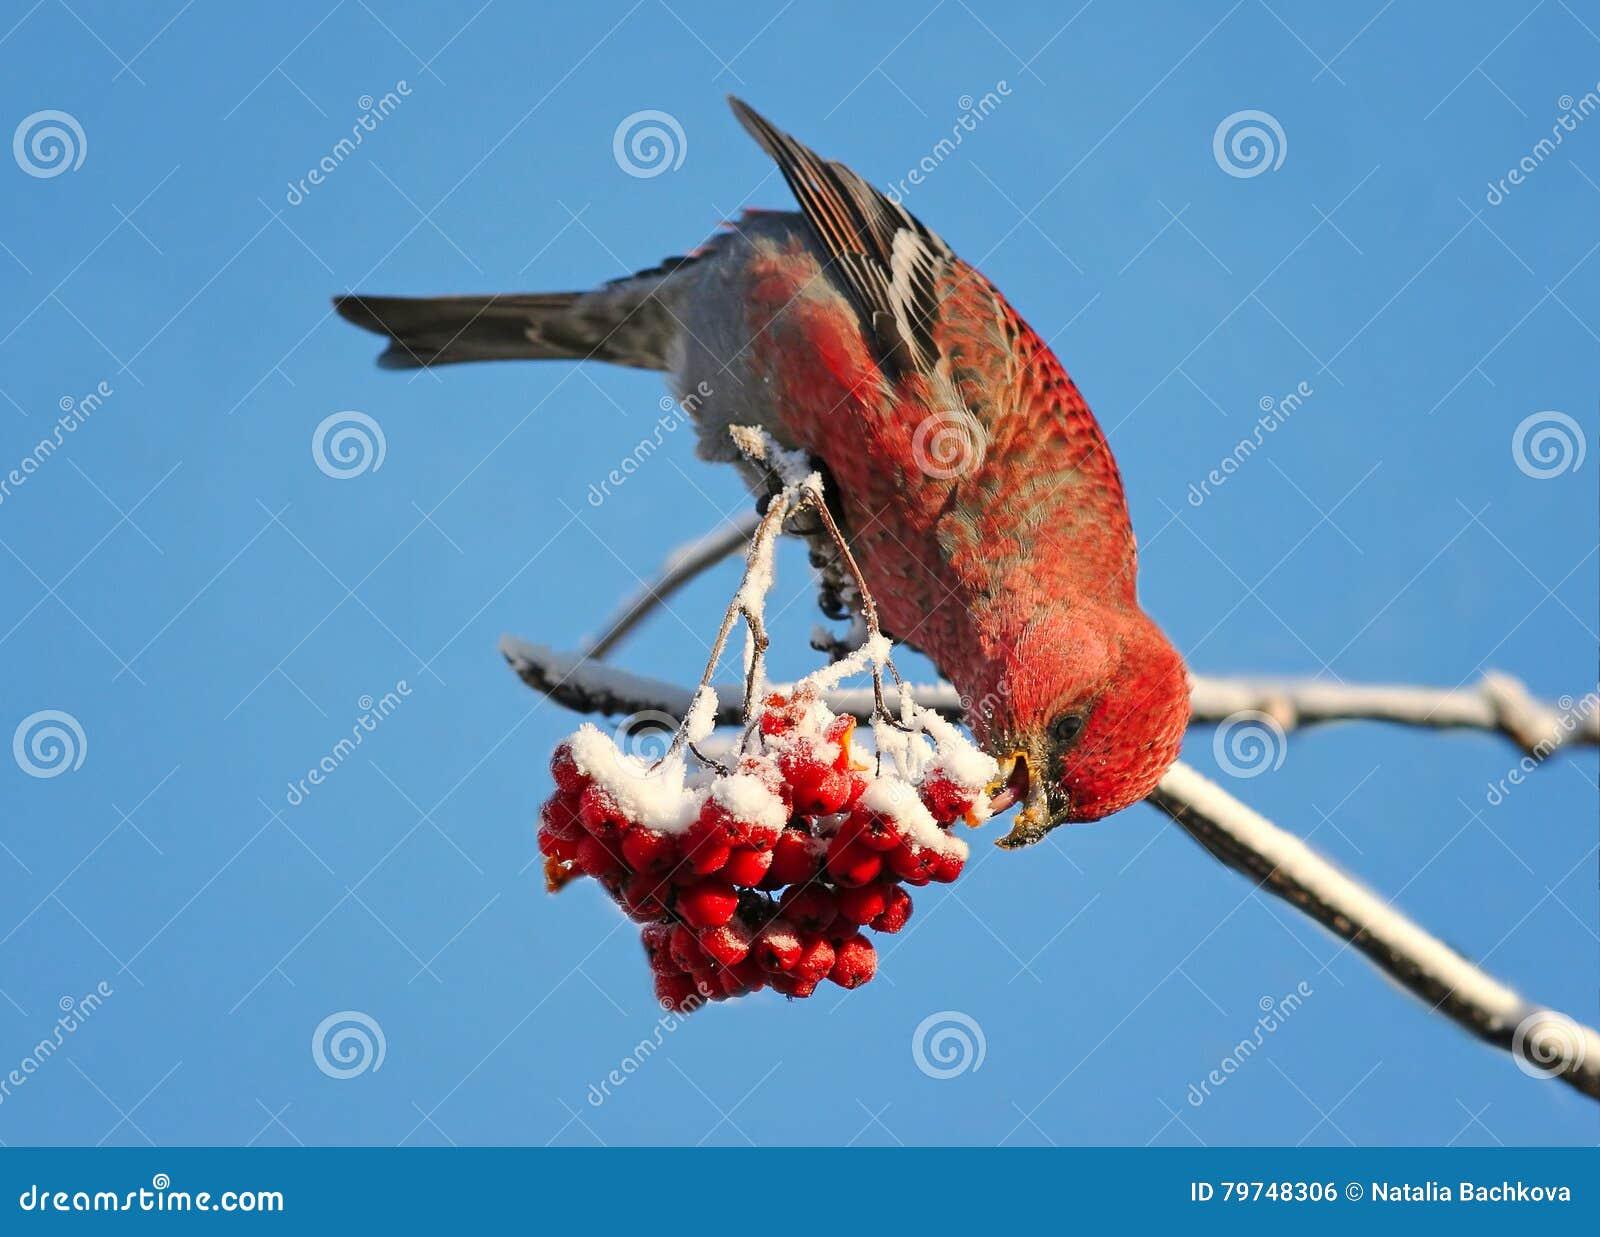 El pájaro está comiendo bayas de un serbal congeladas rojas en parque del invierno